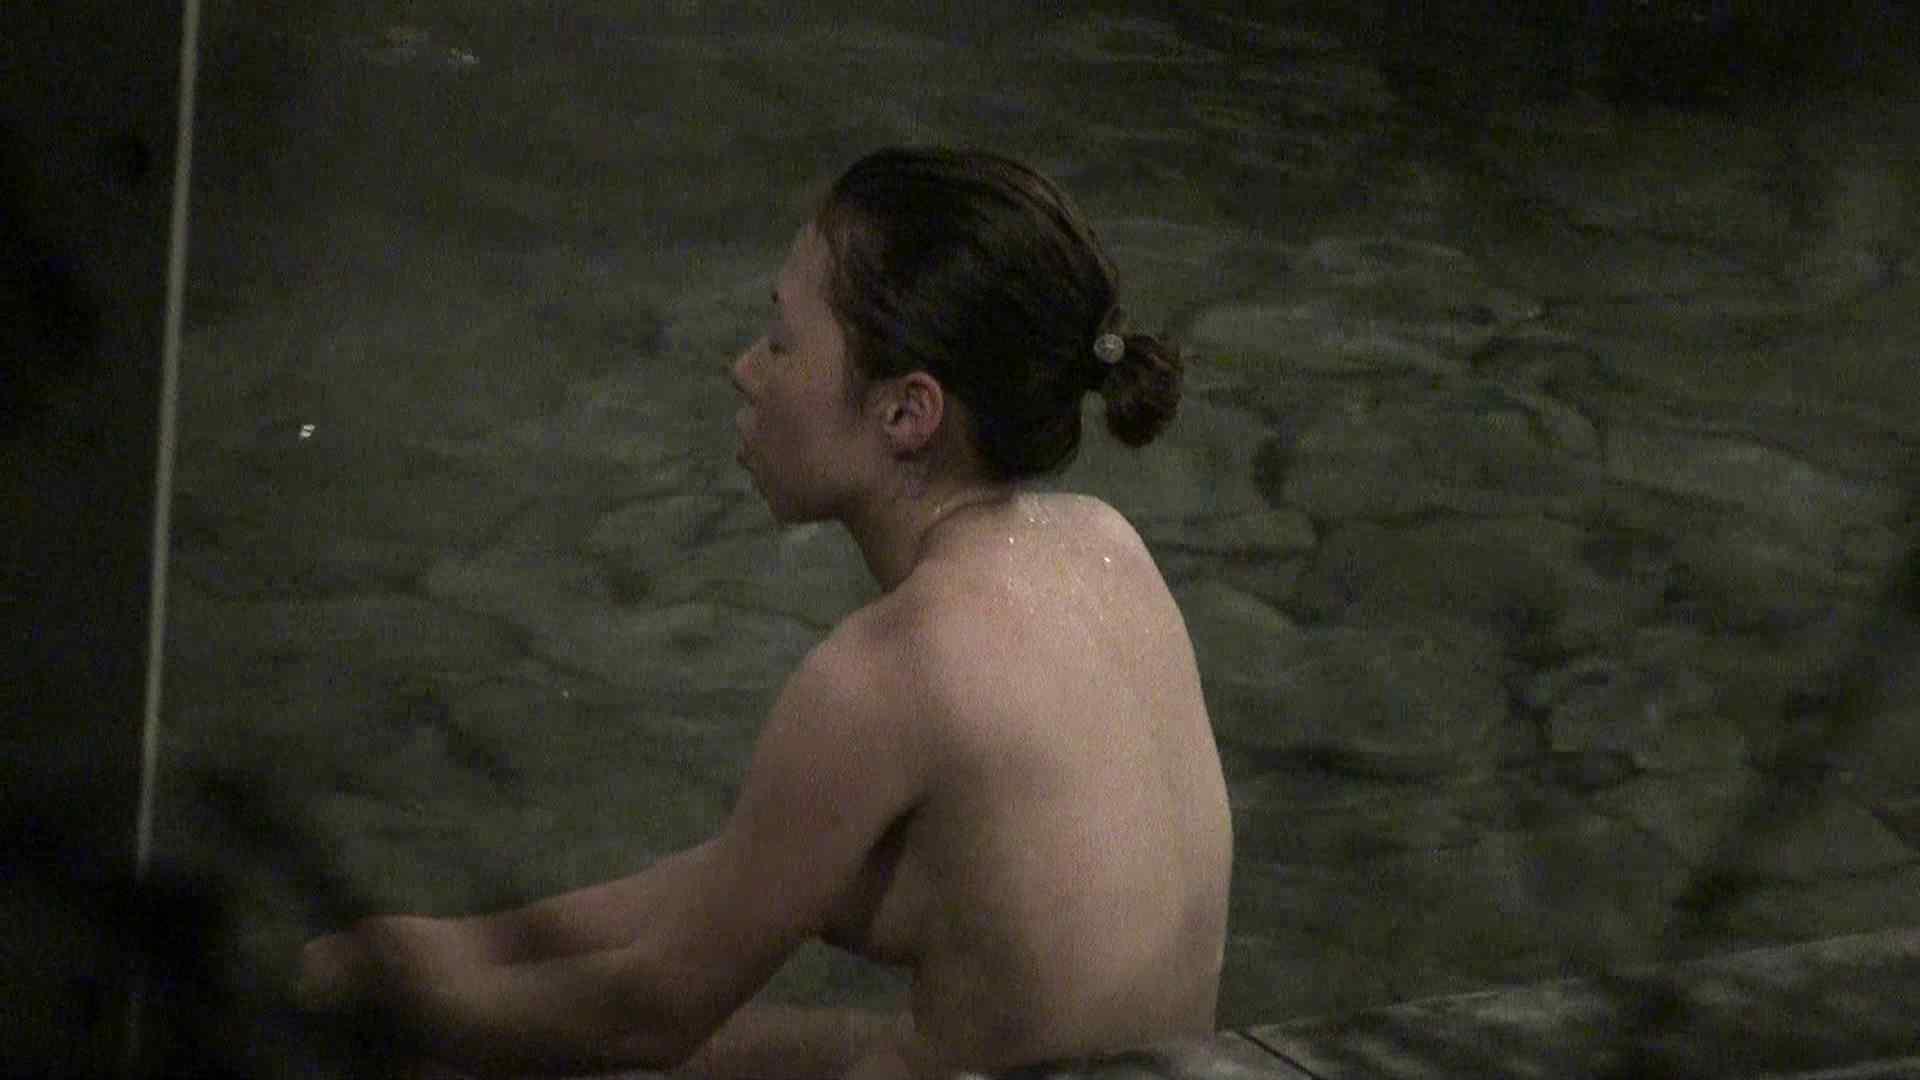 Aquaな露天風呂Vol.391 OLのエロ生活  58連発 48